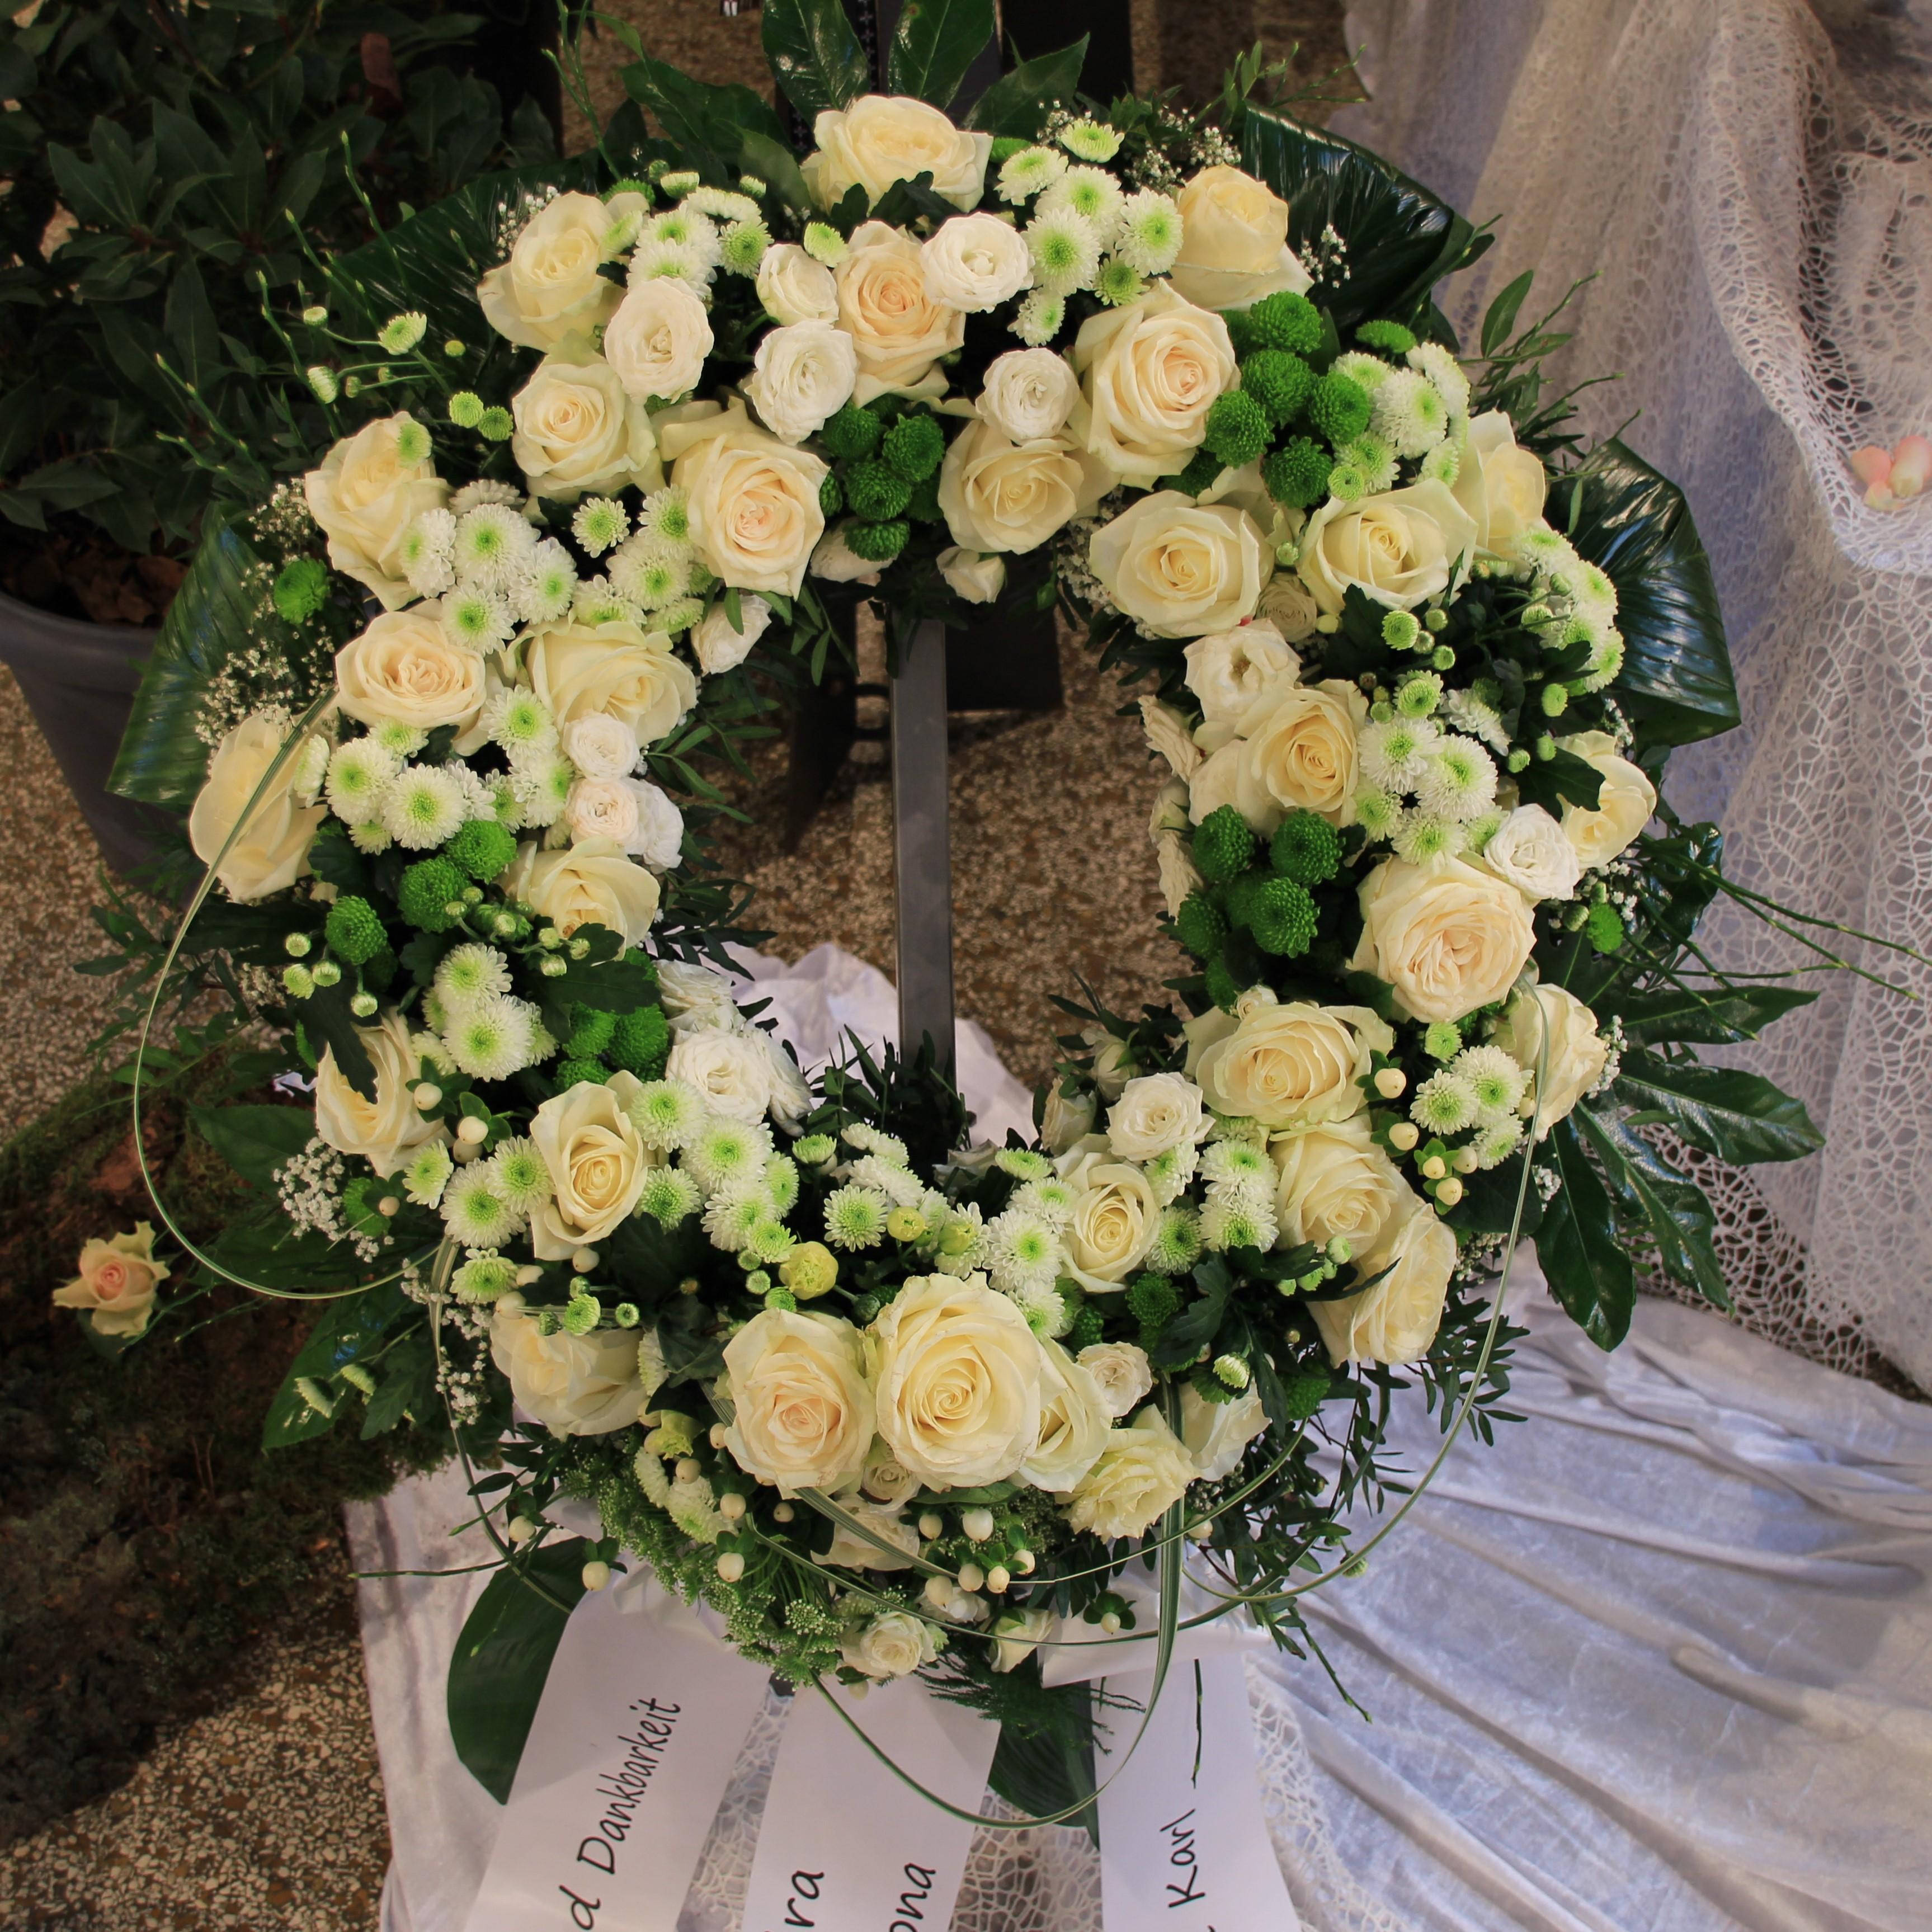 Trauerkranz rundgesteckt mit weißen Rosen, weißen Blumen und Grün Bild 1